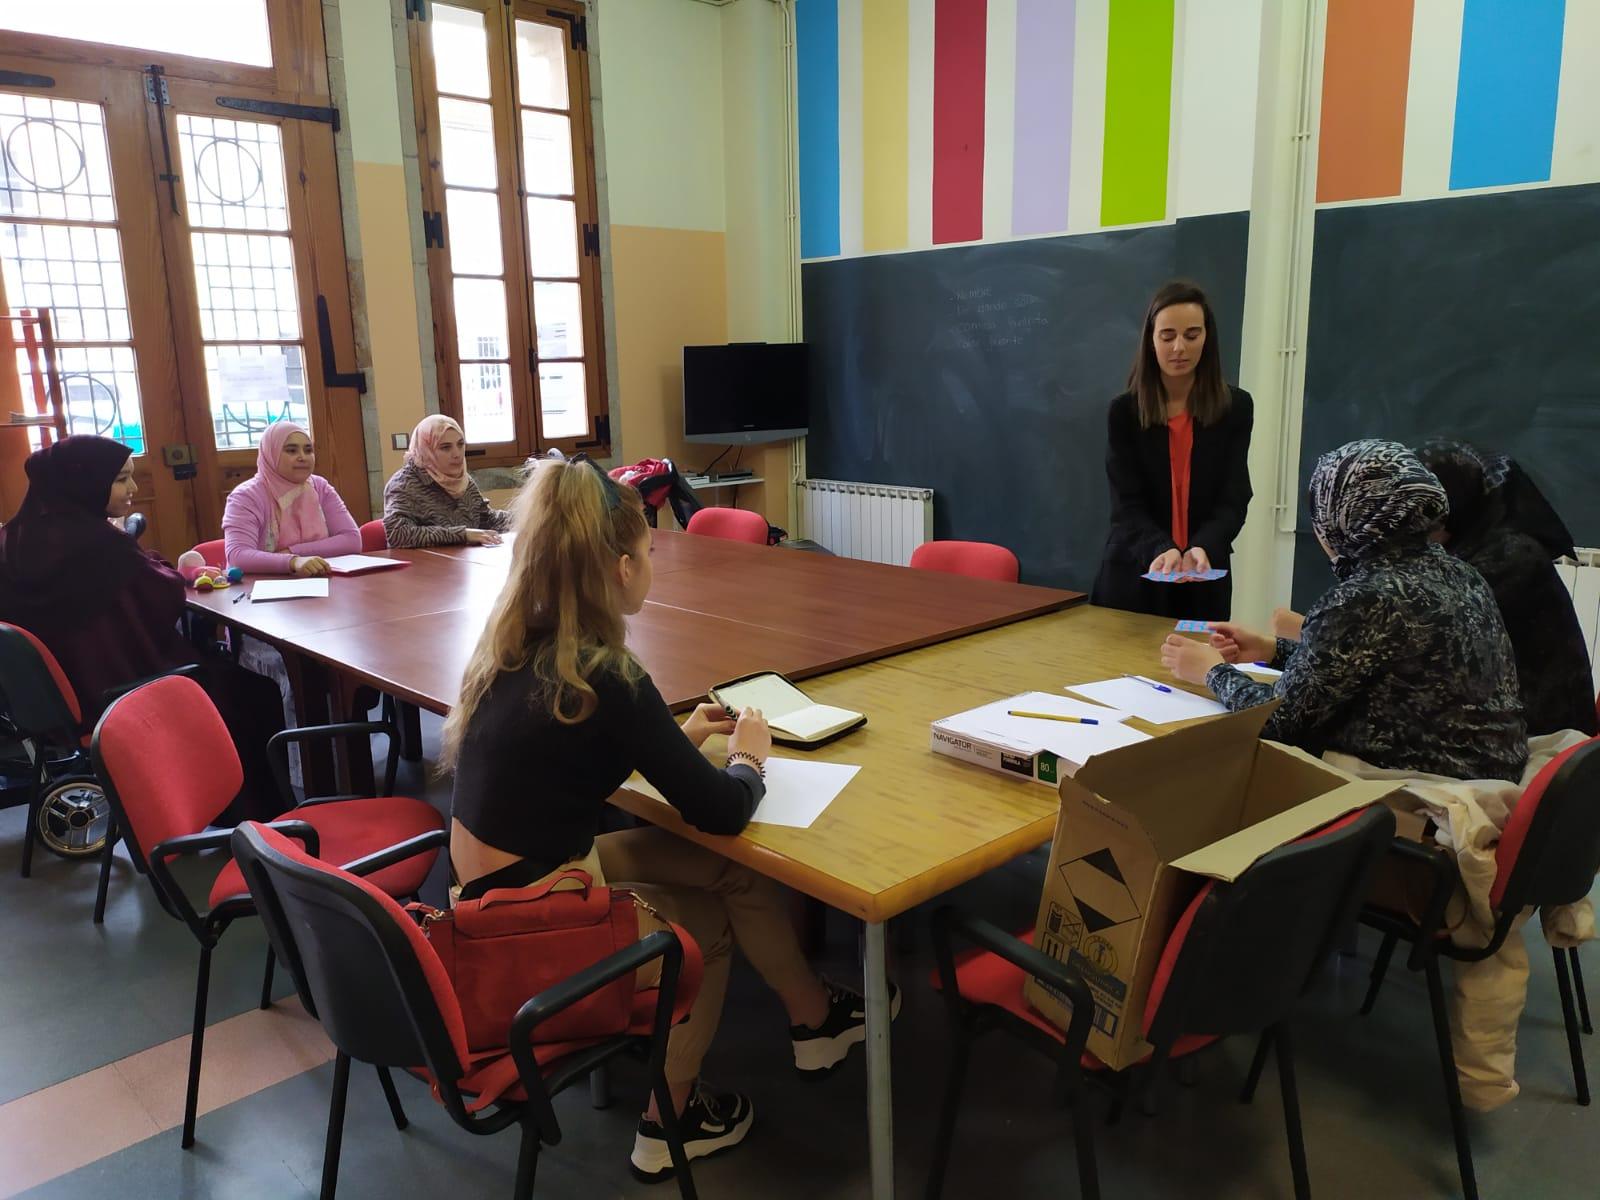 Comezan as clases de español para inmigrantes do  programa Anduriña con sesións en Silleda e na Bandeira